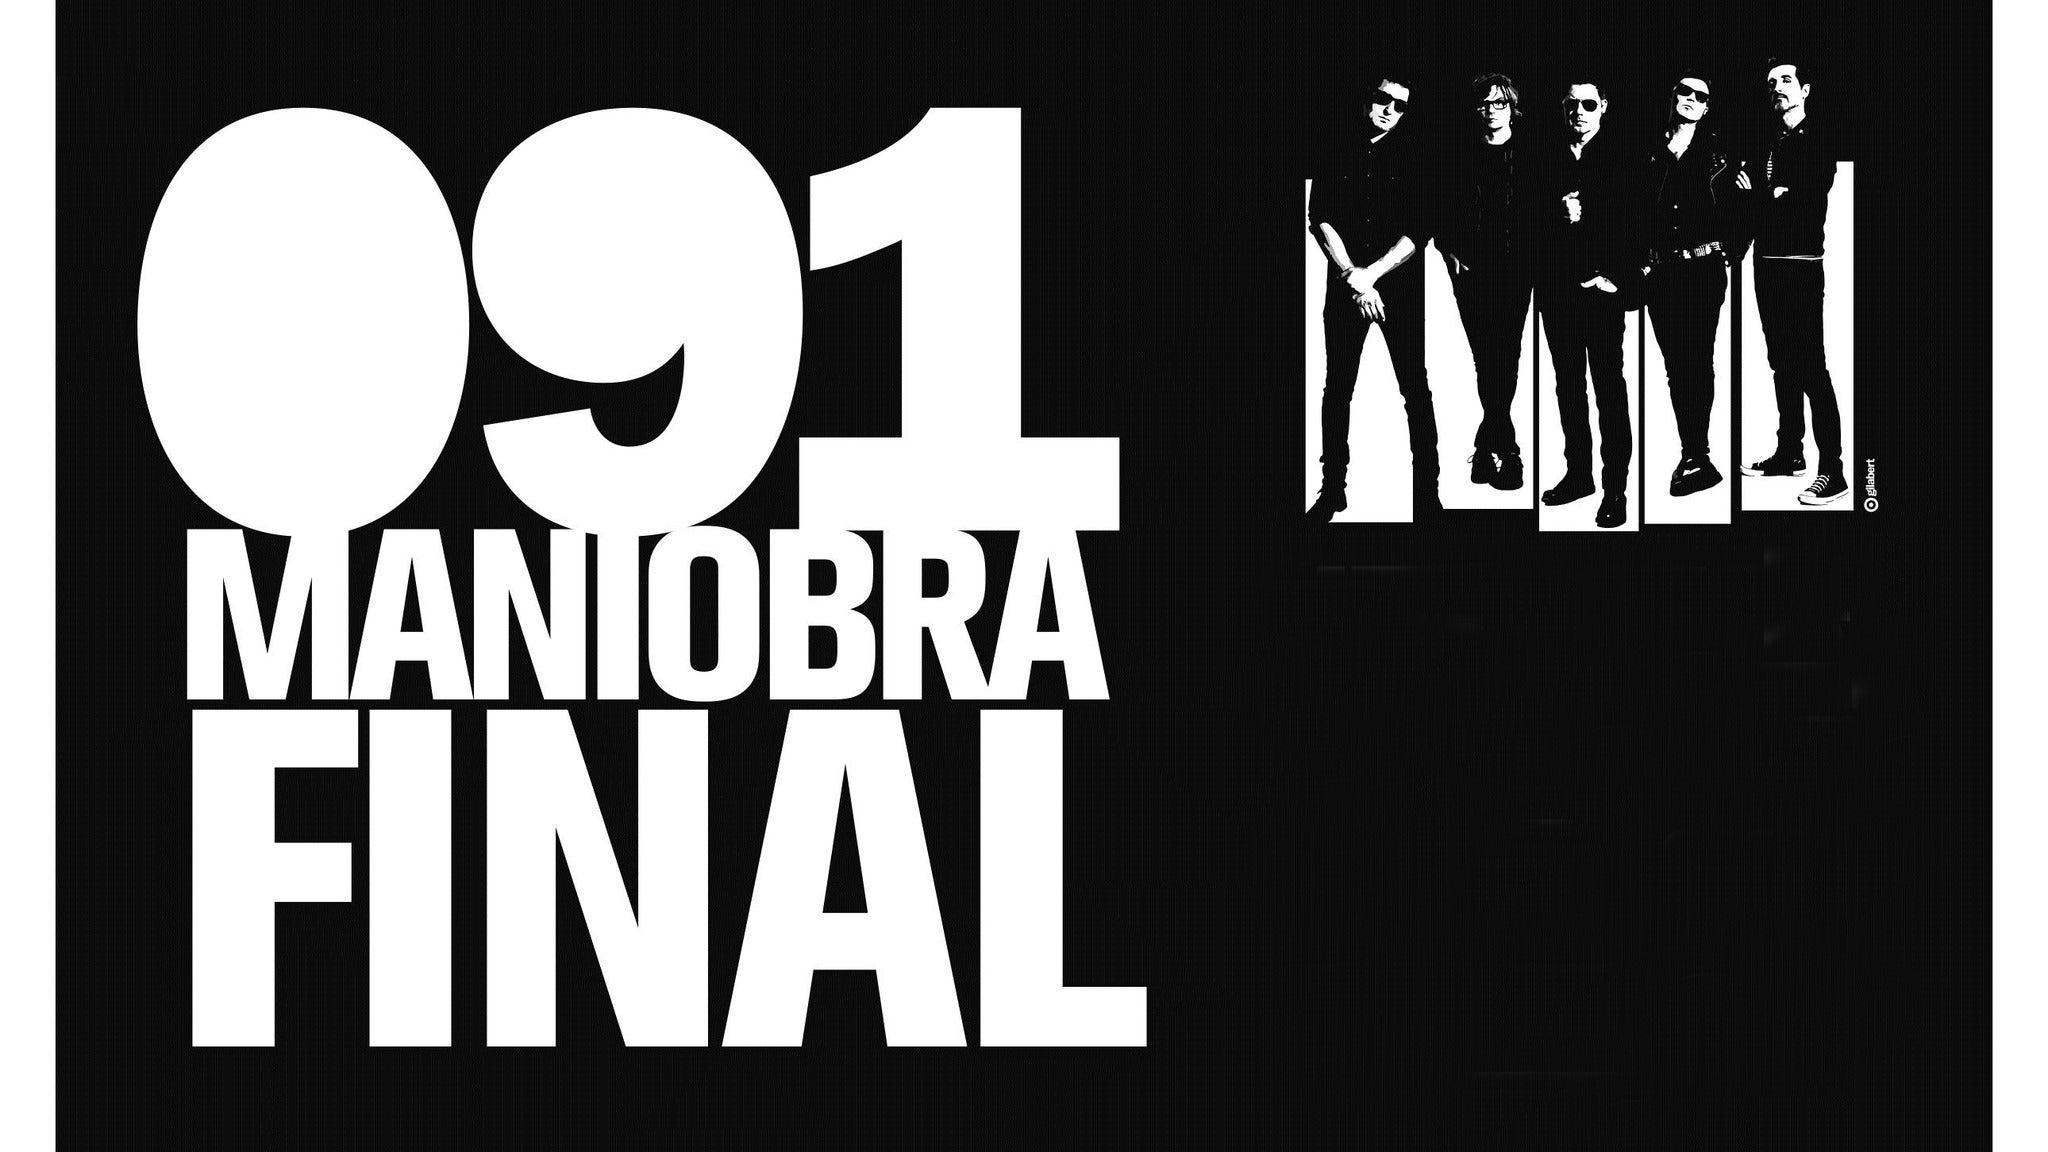 091 La otra vida live